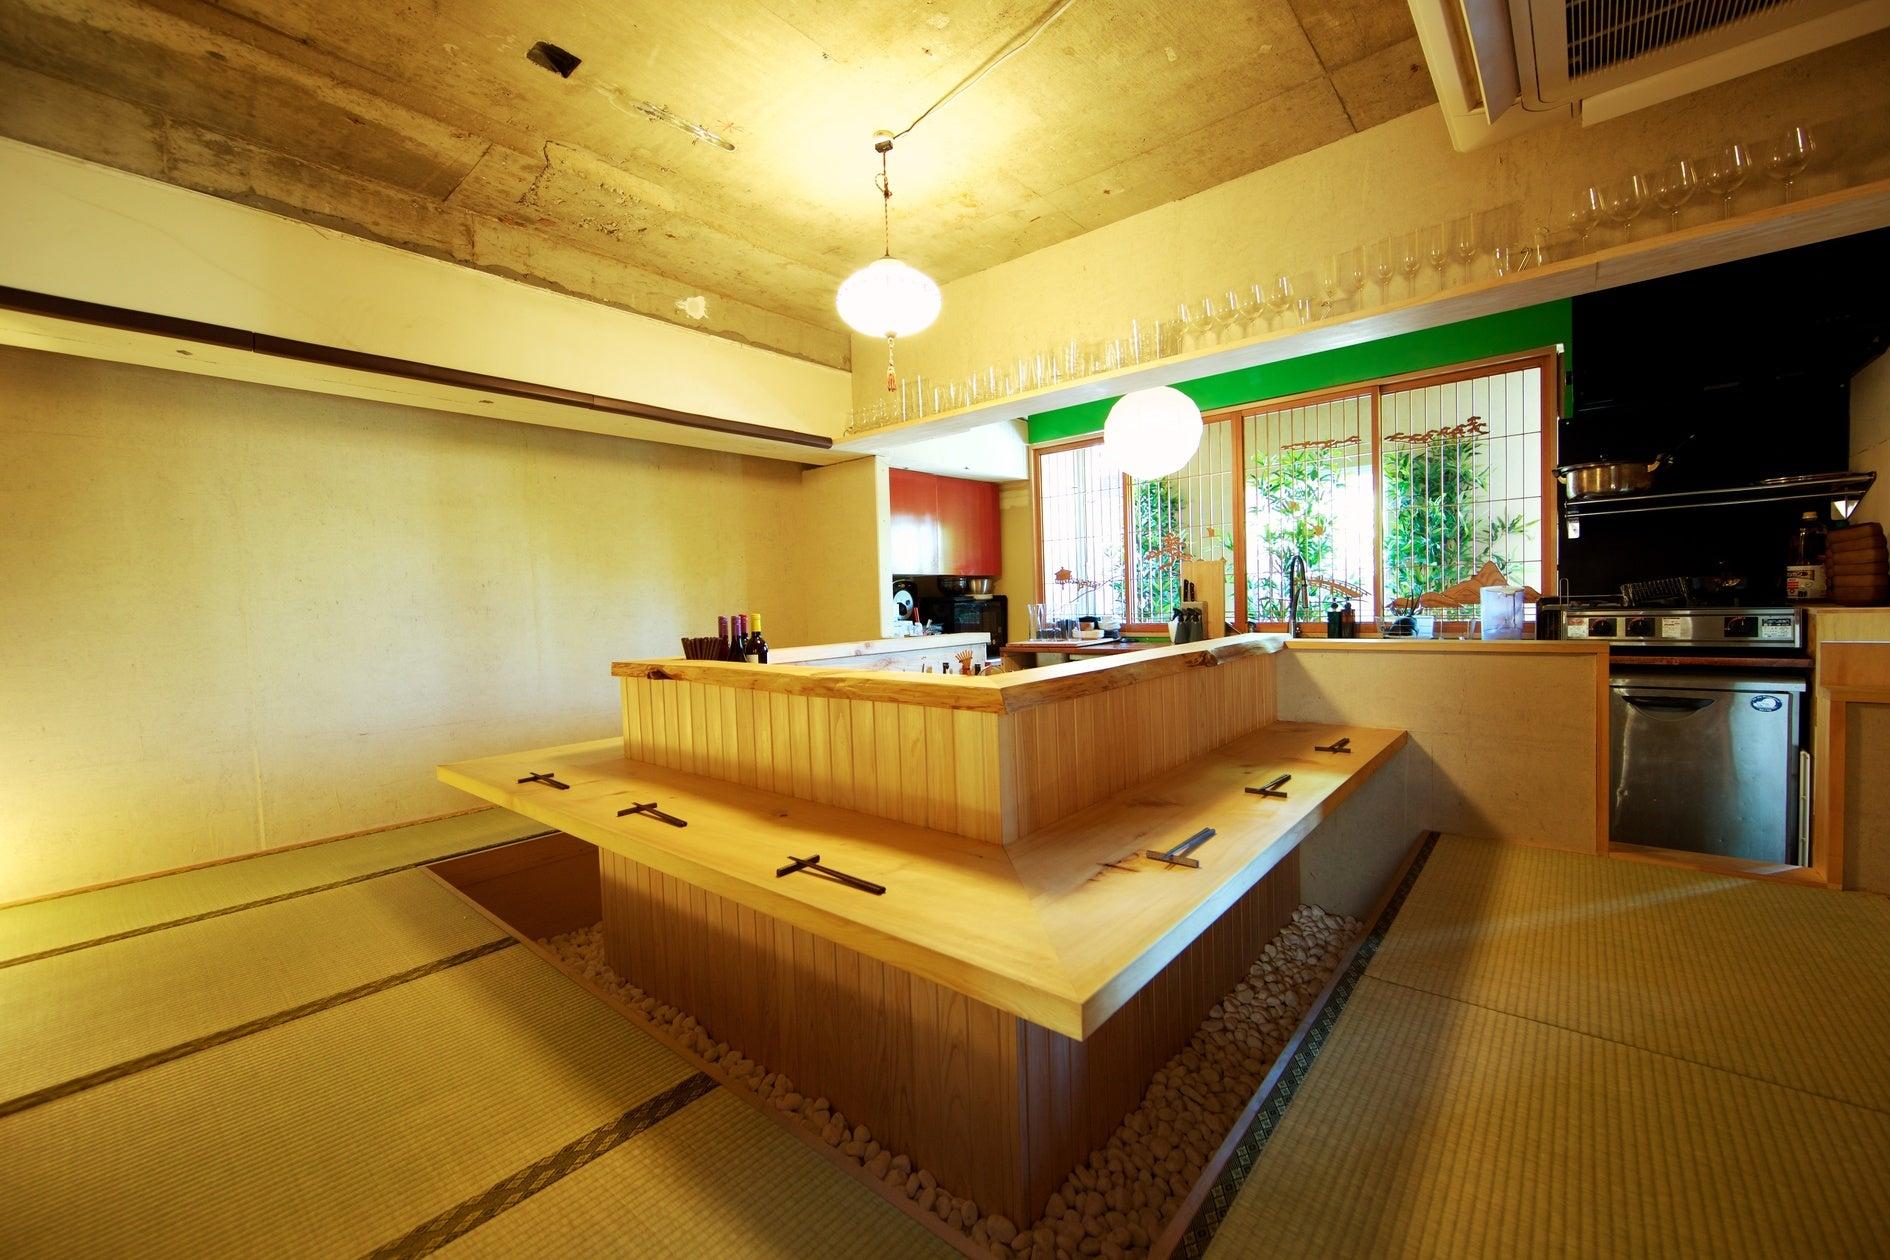 【渋谷、原宿、キャットストリート、神宮前】突如「和」の空間。非日常を体験する。(【渋谷、原宿、キャットストリート】キッチン付き和のモダン空間!着物・茶道・華道・撮影などに!) の写真0